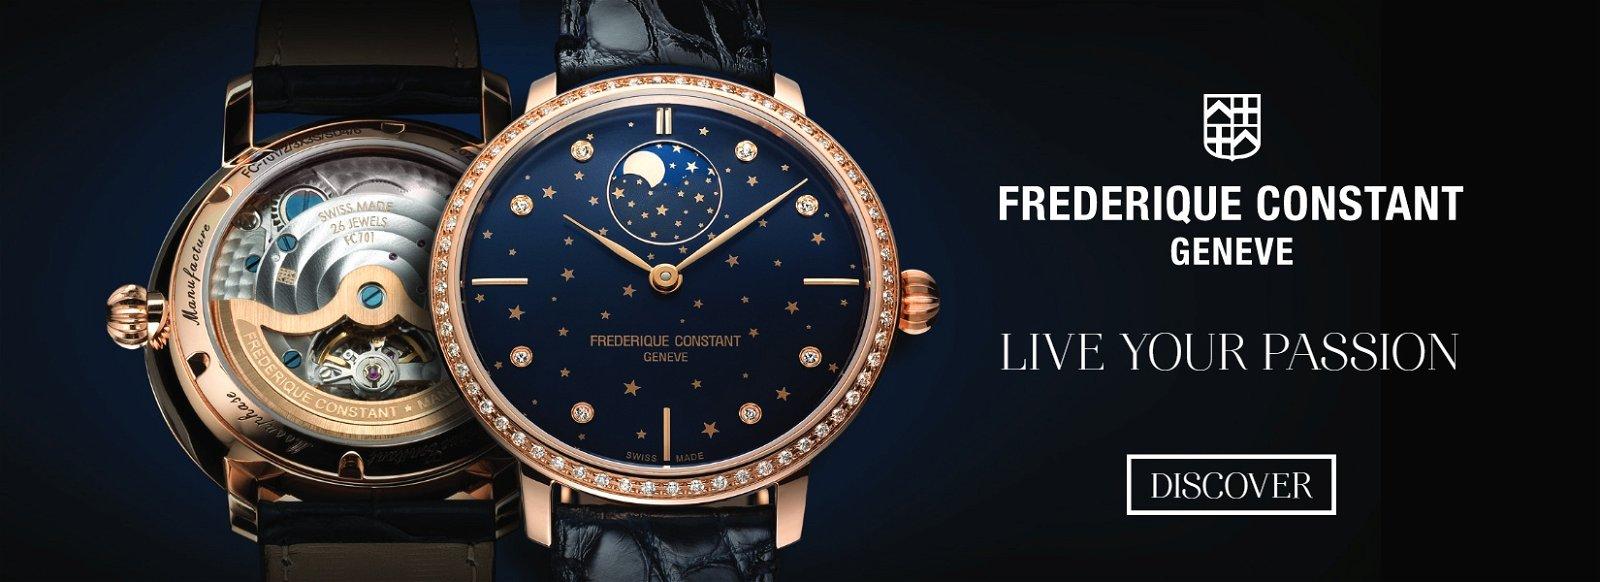 Frederique Constant: Live Your Passion